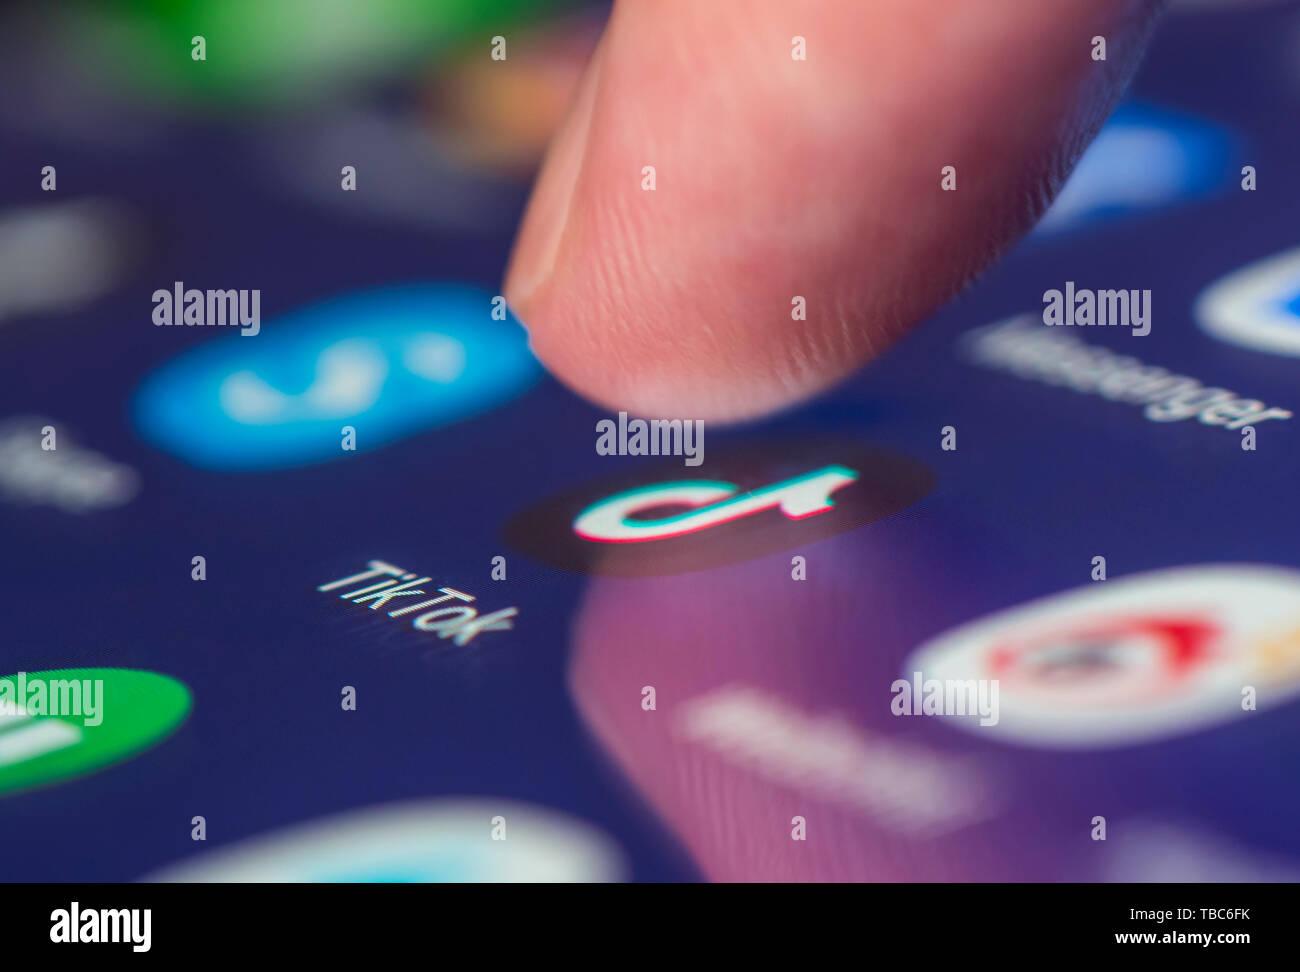 Finger pressing TikTok app icon (AKA Douyin) on a touchscreen on a tablet or mobile phone device. Loading Tik Tok application. TikTok shortcut. - Stock Image